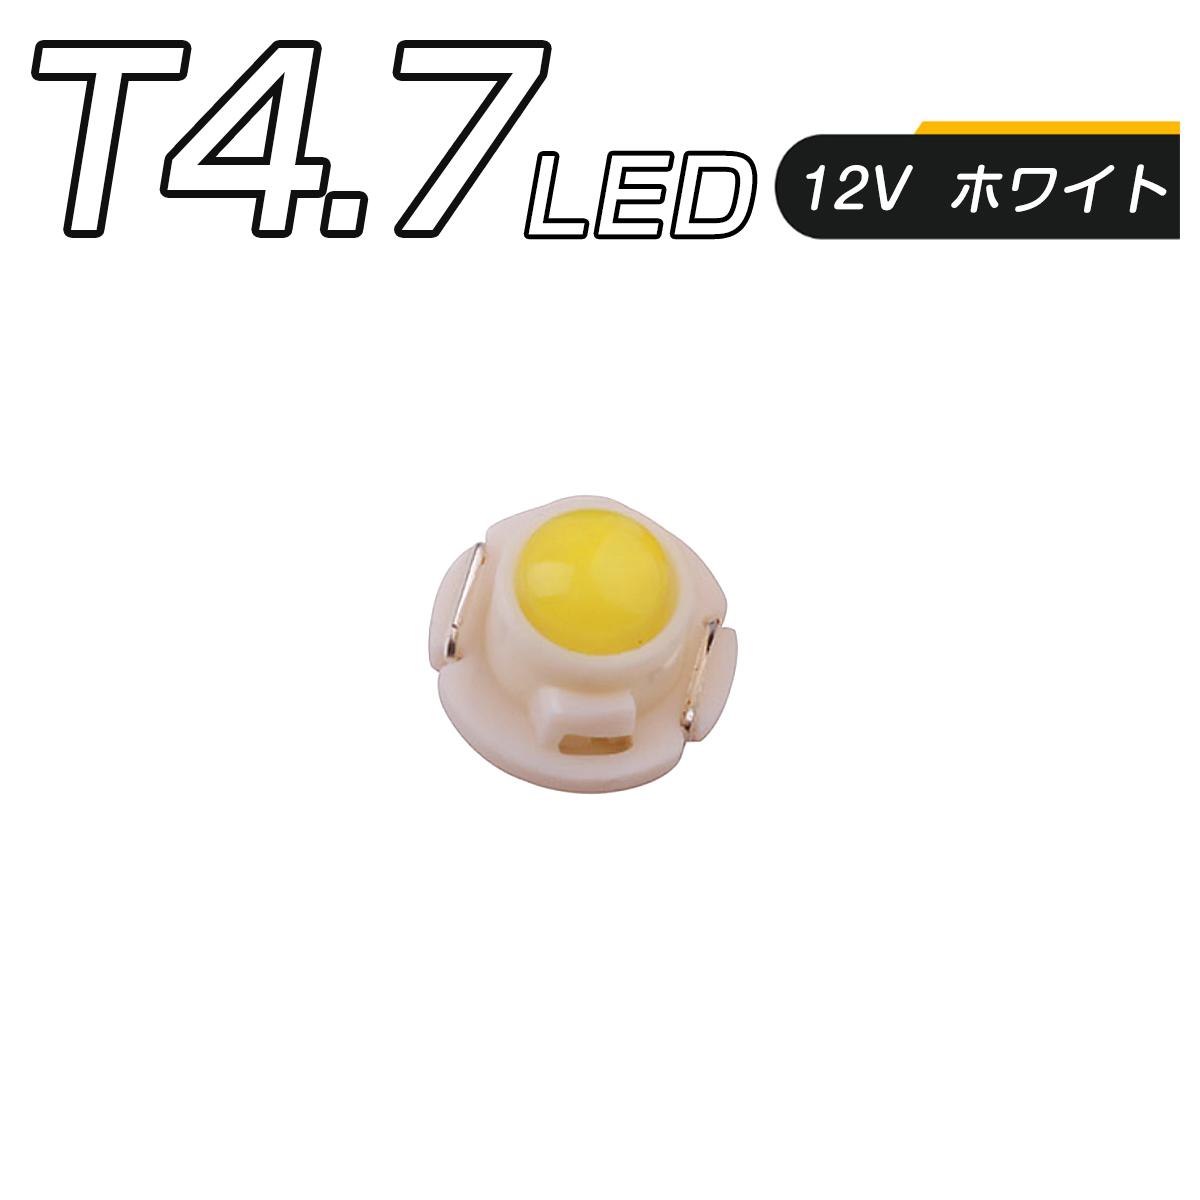 LED T4.7 SMD 白 メーター球 タコランプ インジケーター エアコンパネル 超拡散 全面発光 2個セット SDM便送料無料 1ヶ月保証